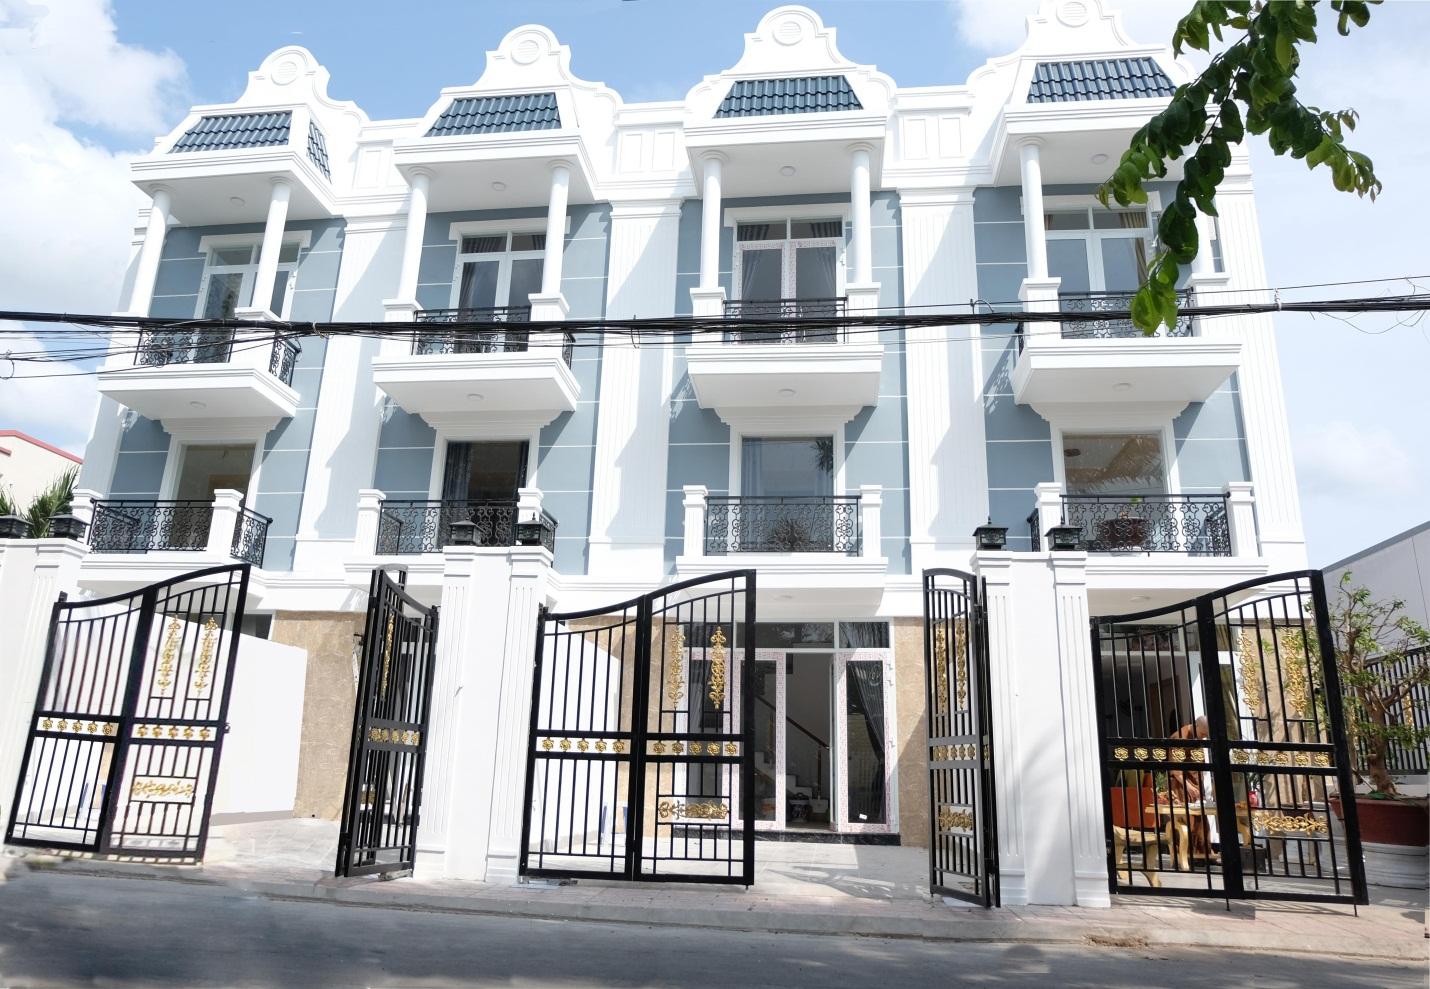 Hình ảnh 1 dãy nhà đã hoàn thiện tại KDC cao cấp Phố Xanh – Phú Tân